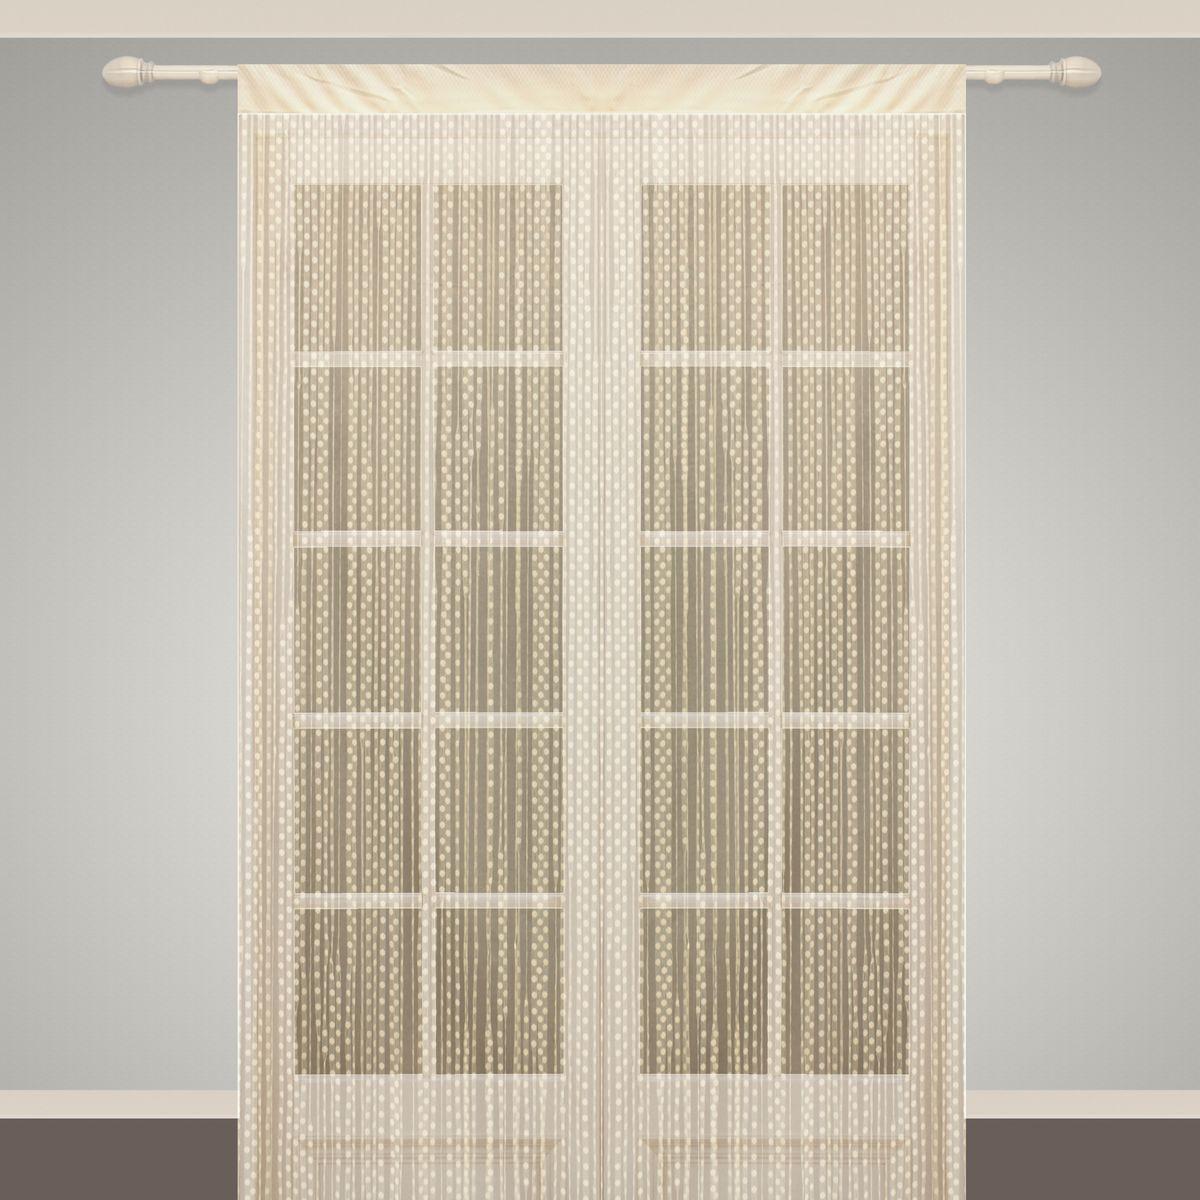 Штора нитяная Sanpa Home Collection, на ленте, цвет: бежевый, высота 290 смS03301004Штора нитяная Sanpa Home Collection, выполненная из текстиля, подходит как для зонирования пространства, так и для декорации окна, как самостоятельное решение или дополнение к шторам. Такая штора великолепно дополнит интерьер вашего дома и станет отличным дизайнерским решением.